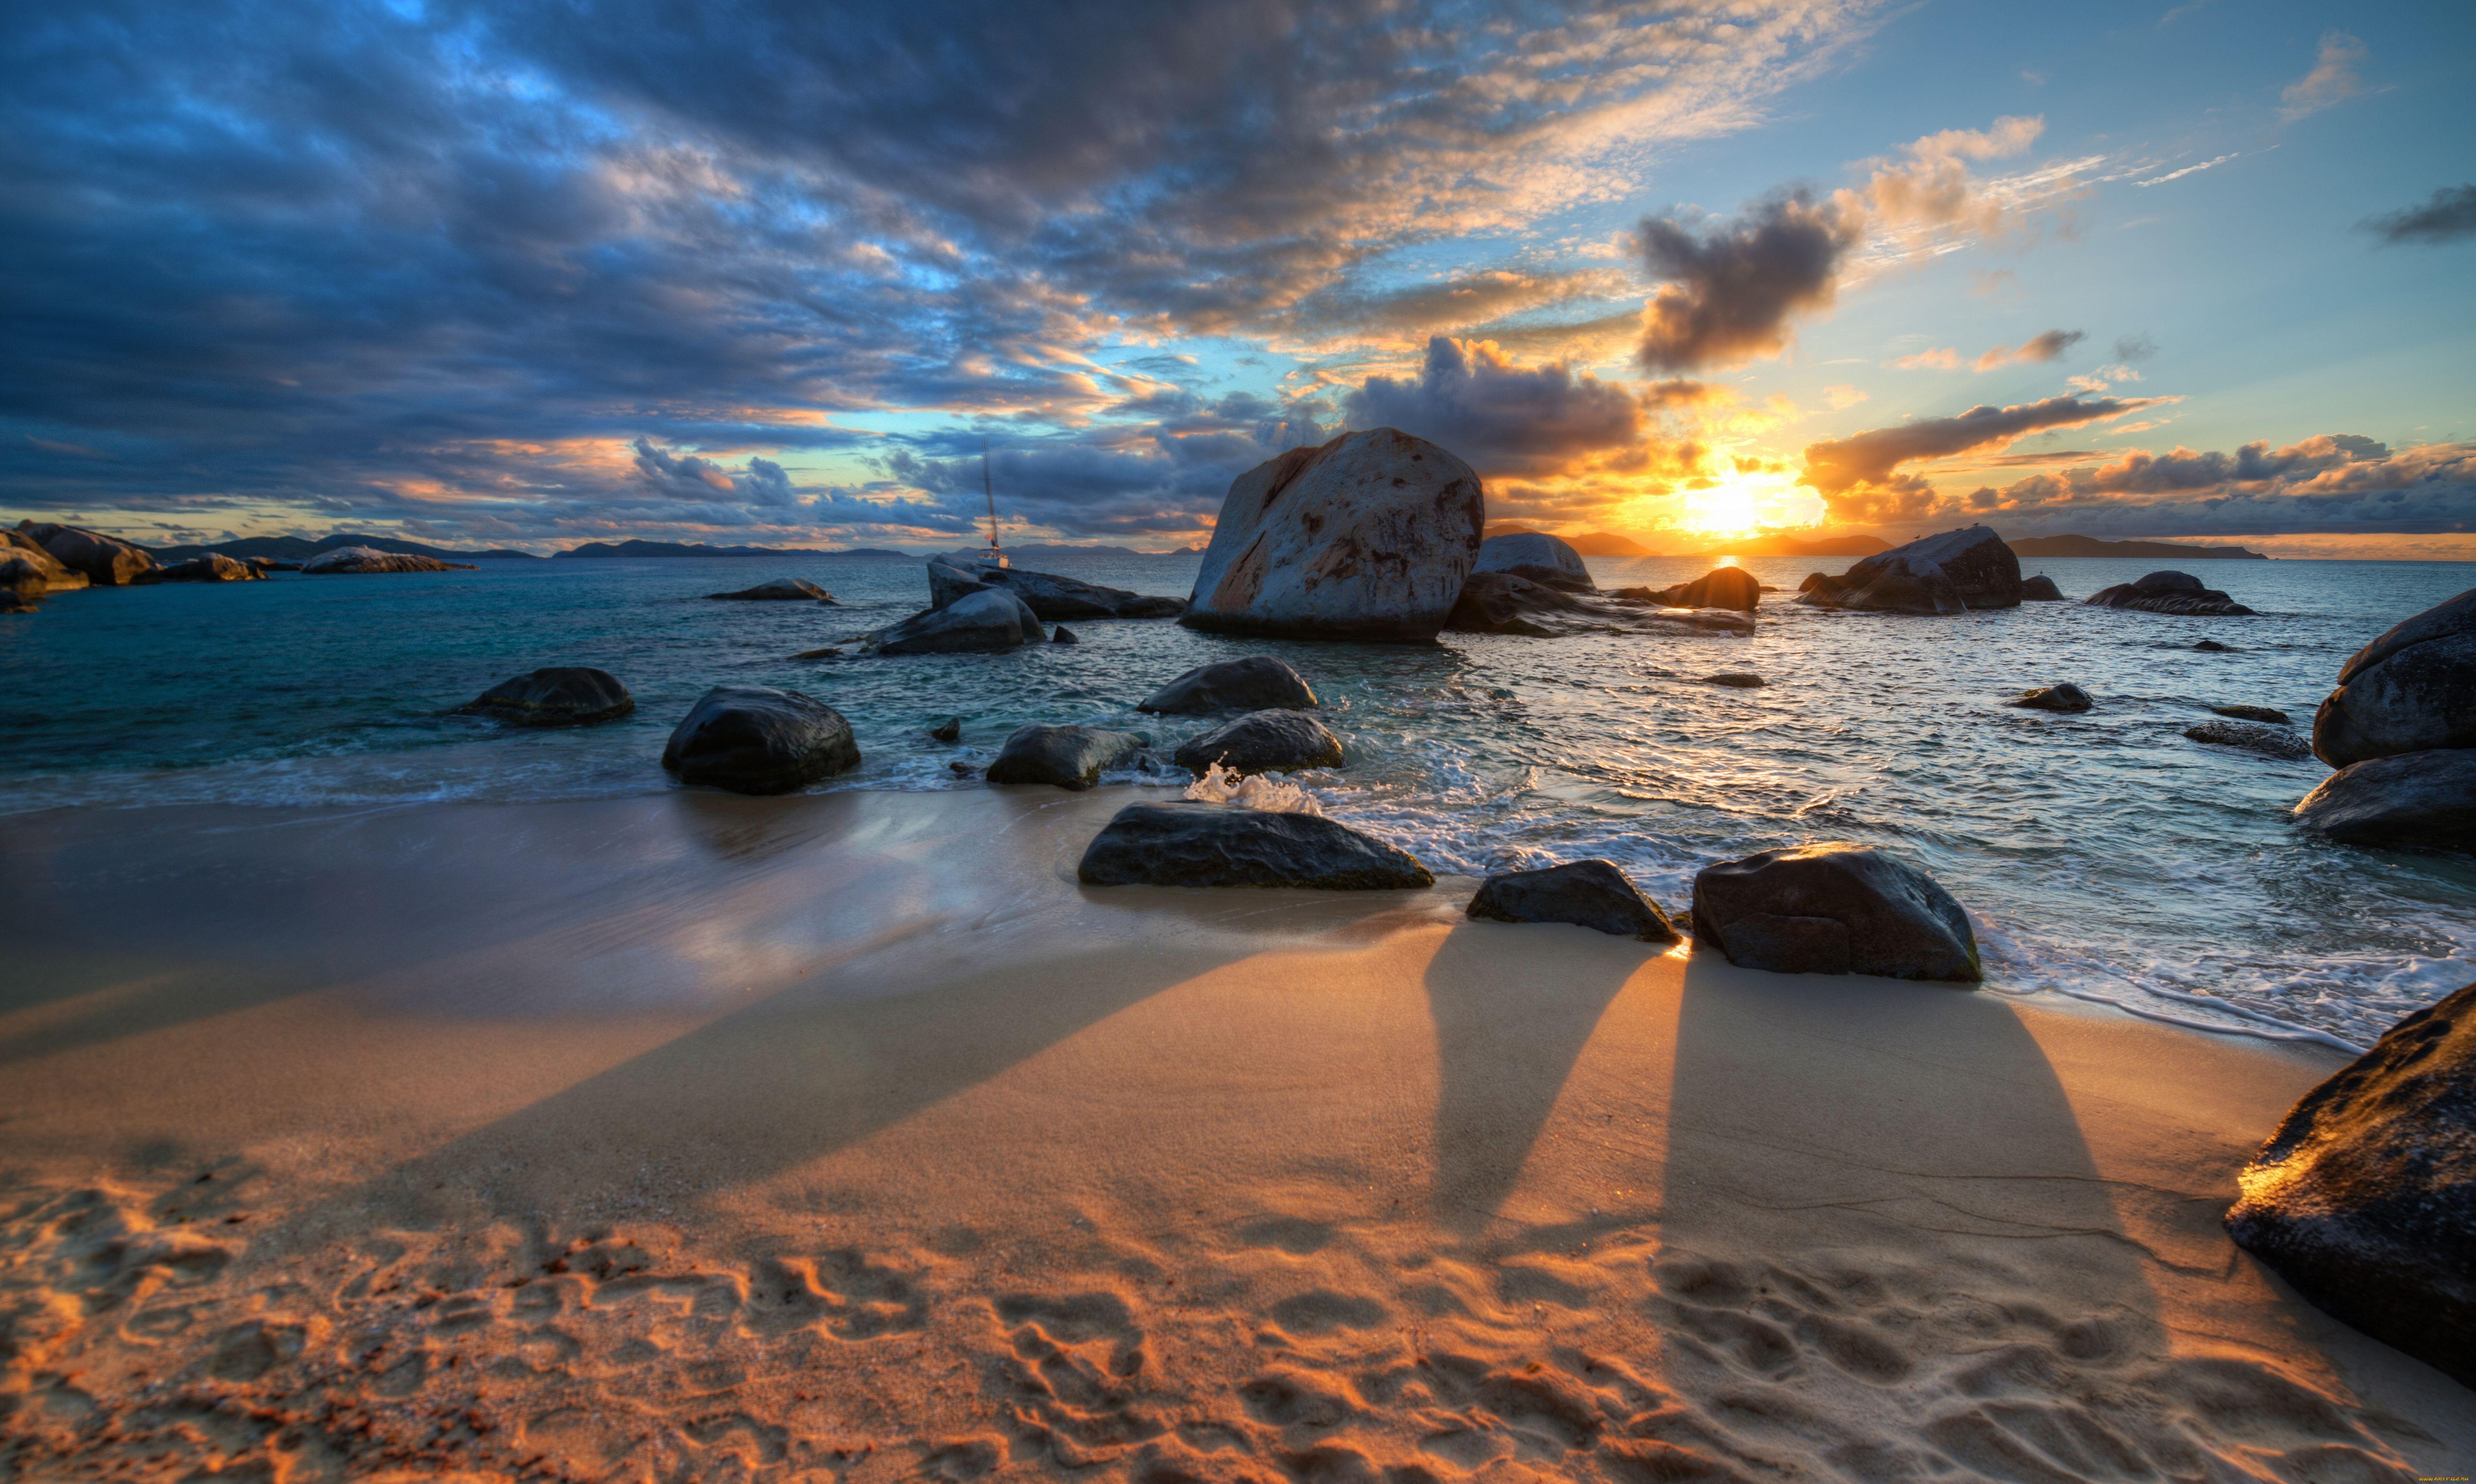 песок пляж лужи небо корабли без смс